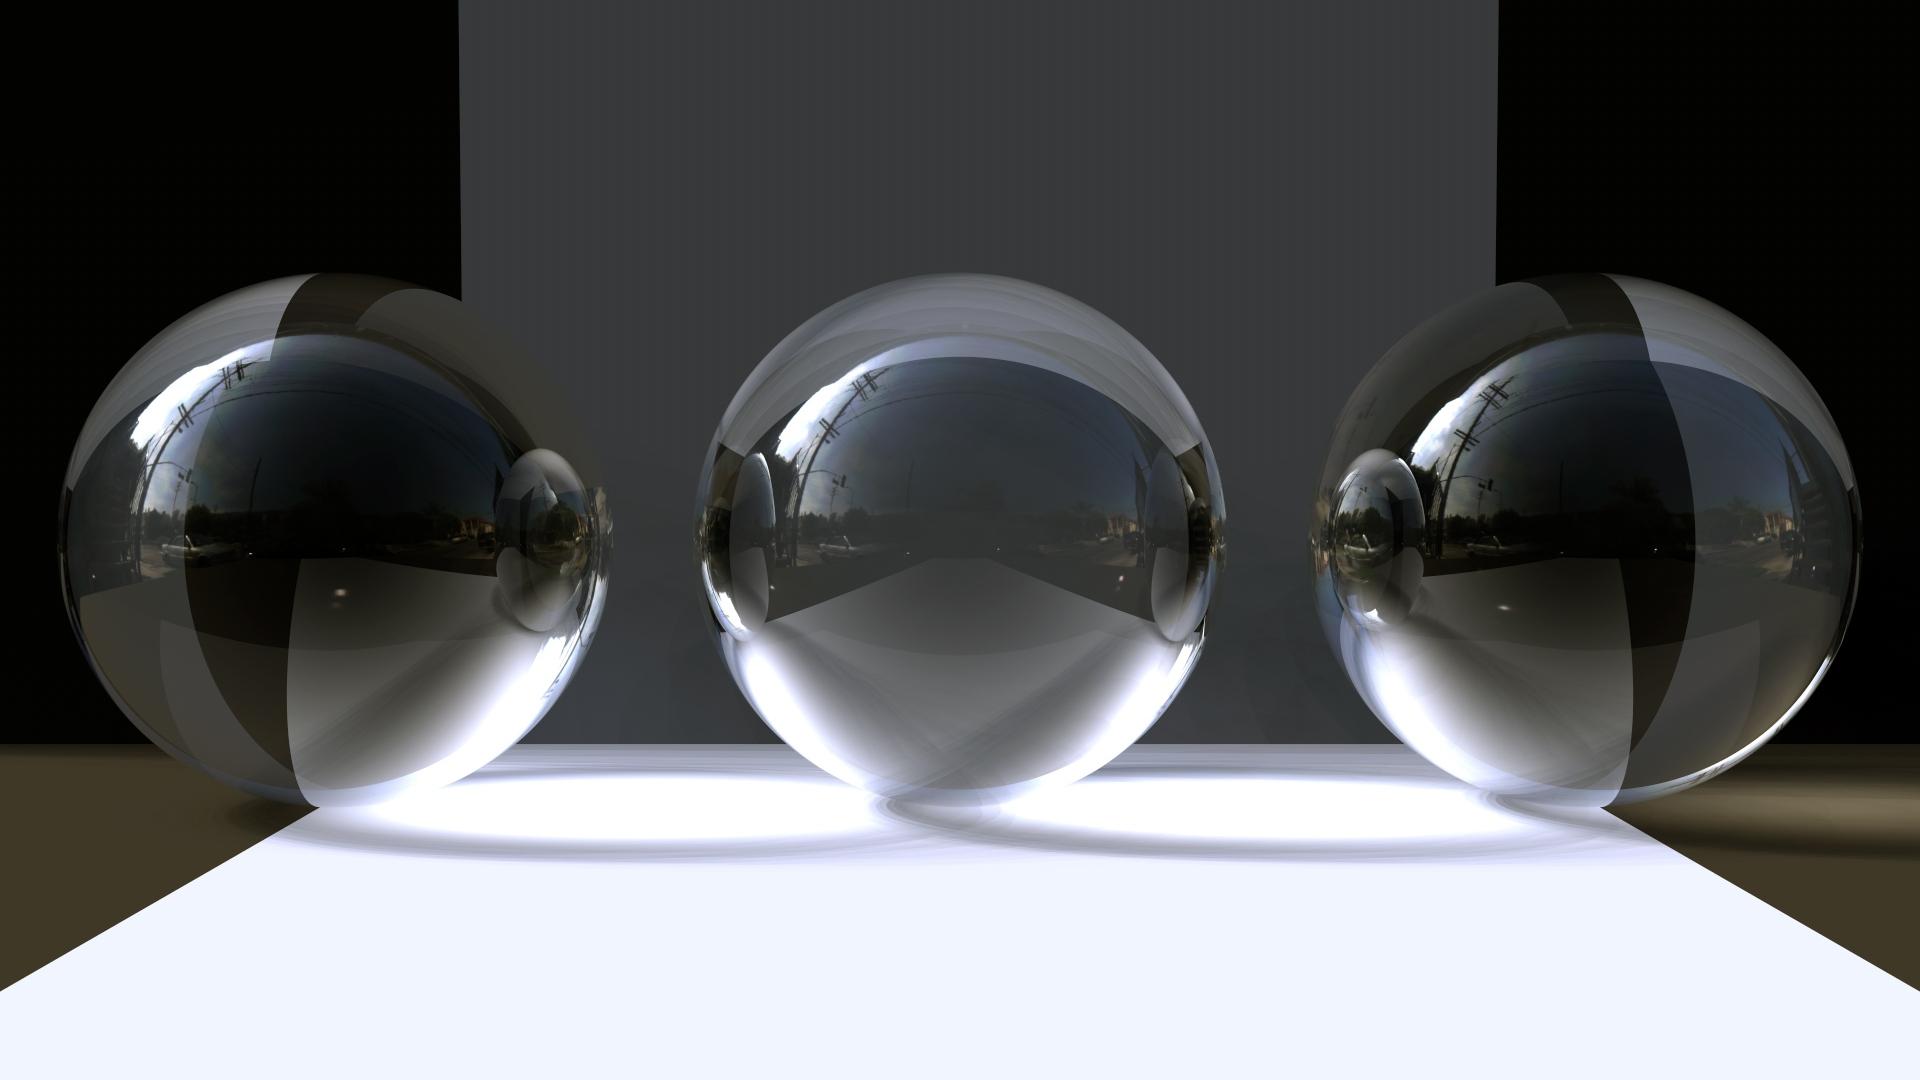 вода на стекле обои на рабочий стол